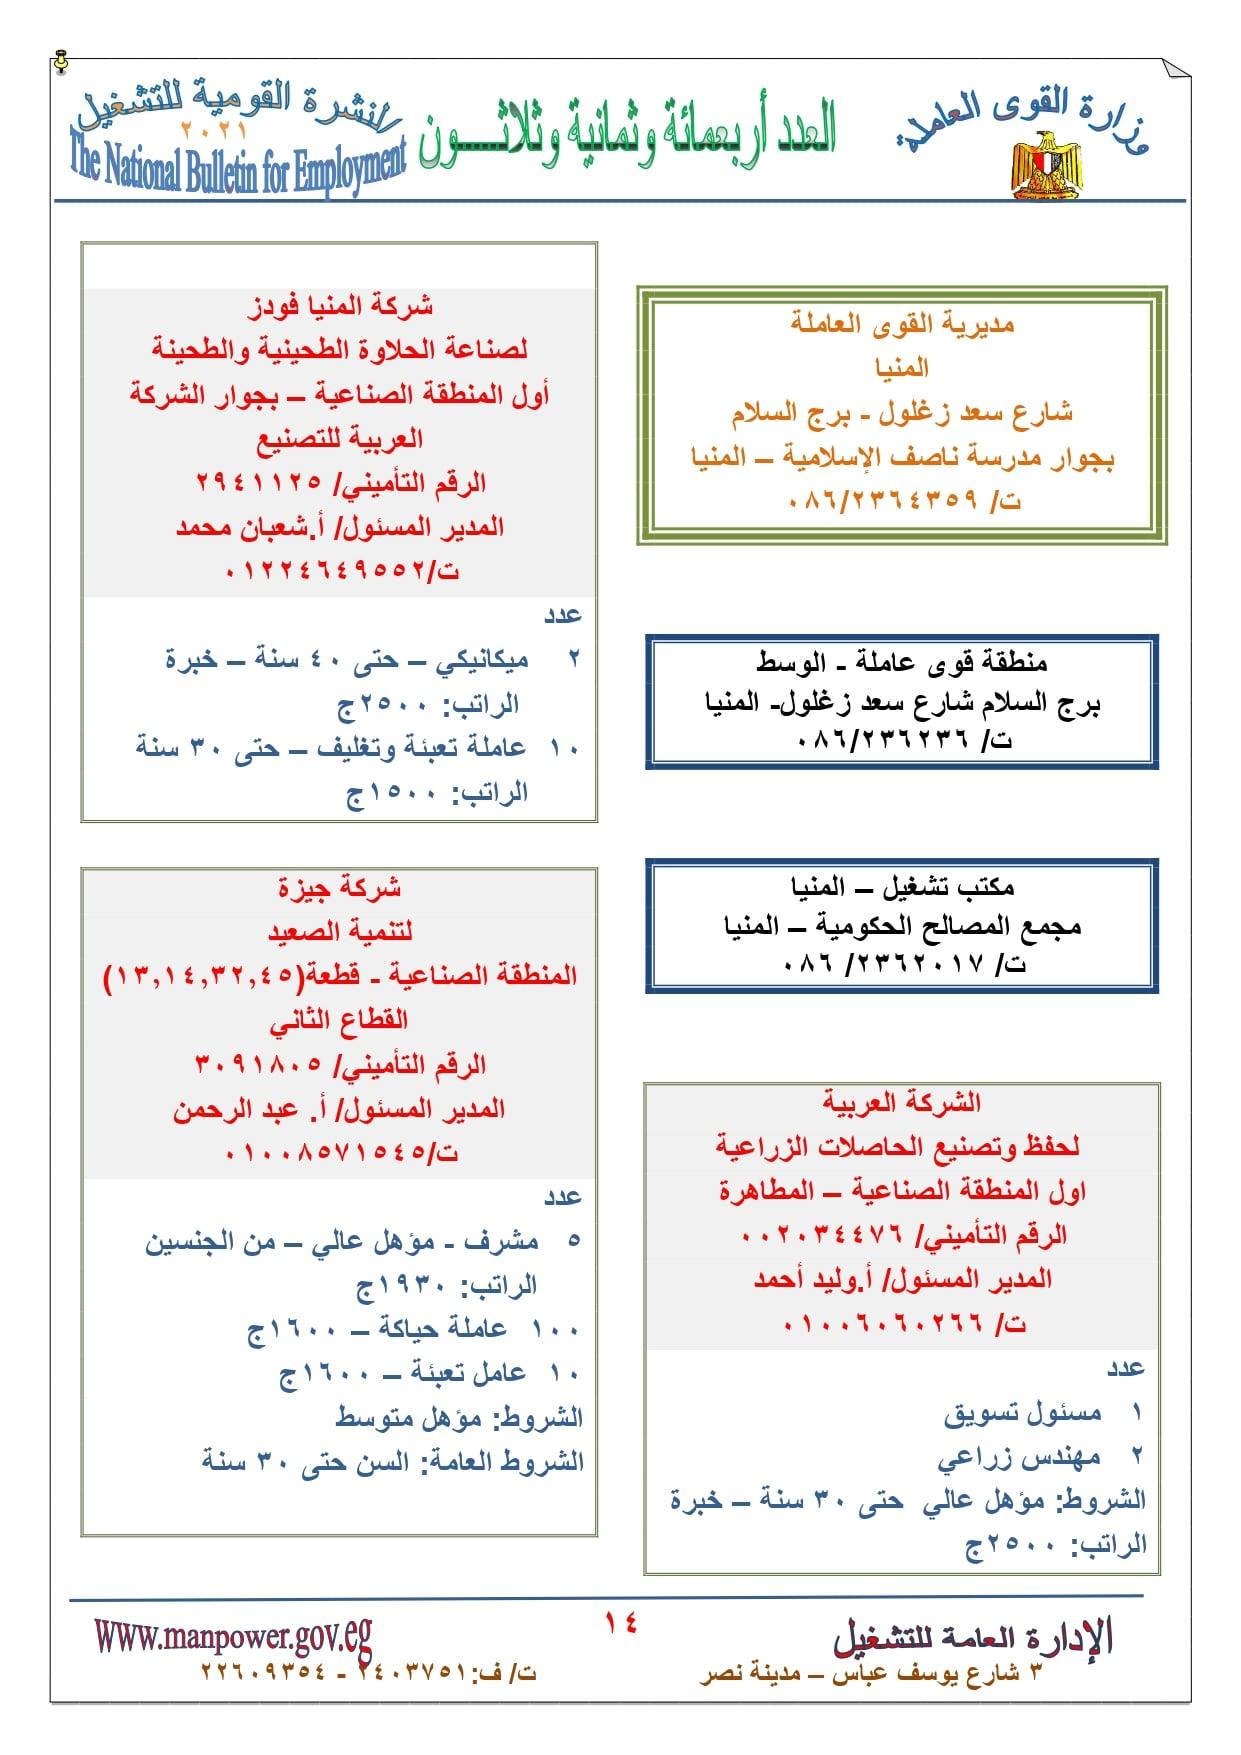 بمرتب 9 الاف جنية.. الاعلان عن وظائف خالية بـ وزارة القوى العاملة جميع المؤهلات والتخصصات نشرة سبتمبر واكتوبر 2021 في المحافظات المصرية